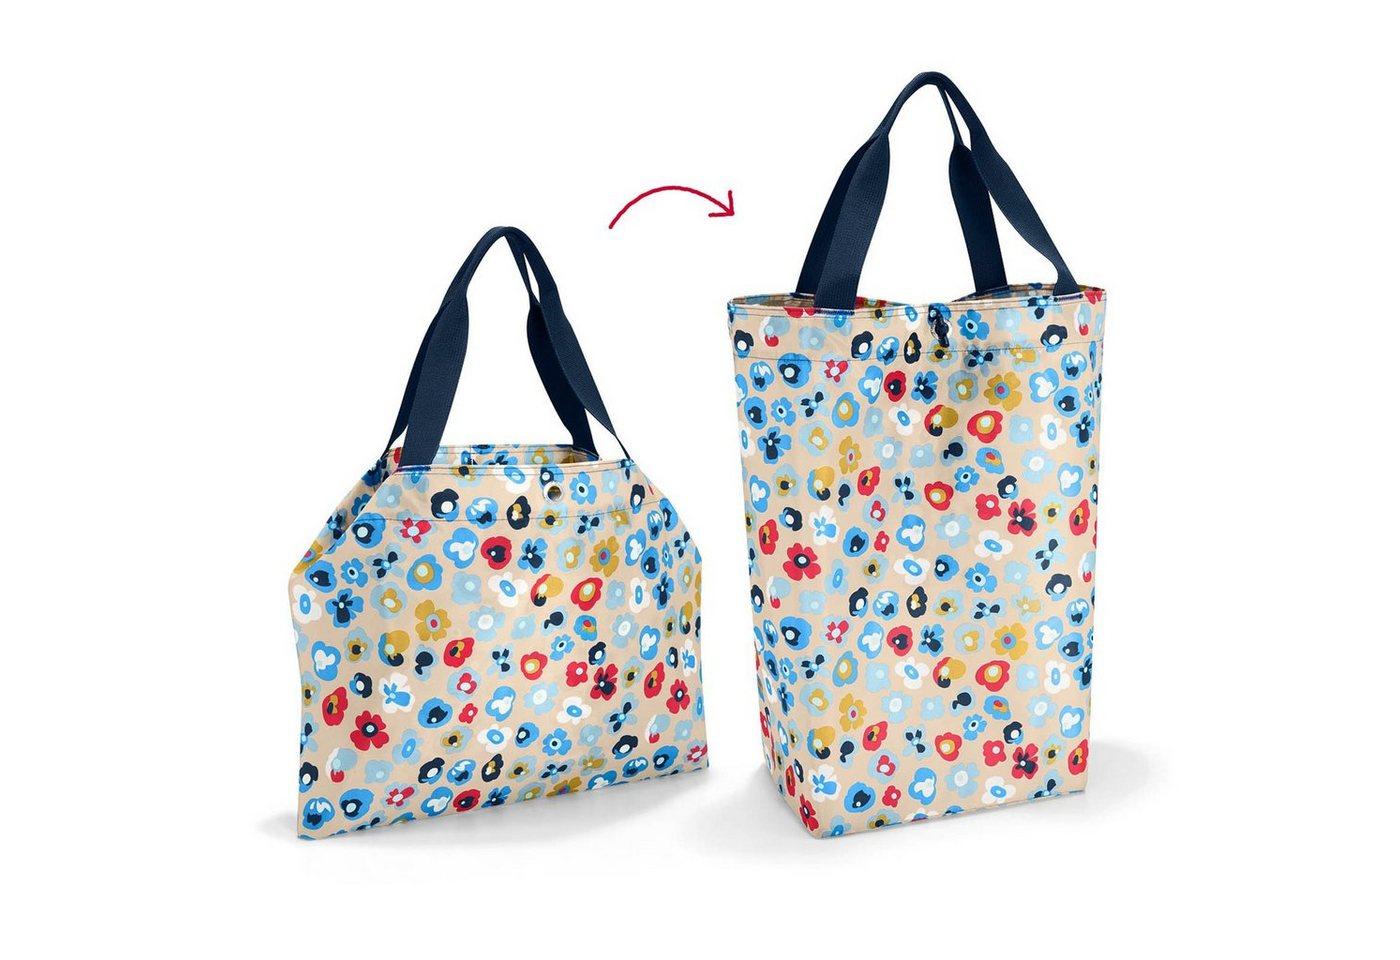 REISENTHEL® Einkaufstasche »changebag«   Taschen > Handtaschen > Einkaufstasche   REISENTHEL®